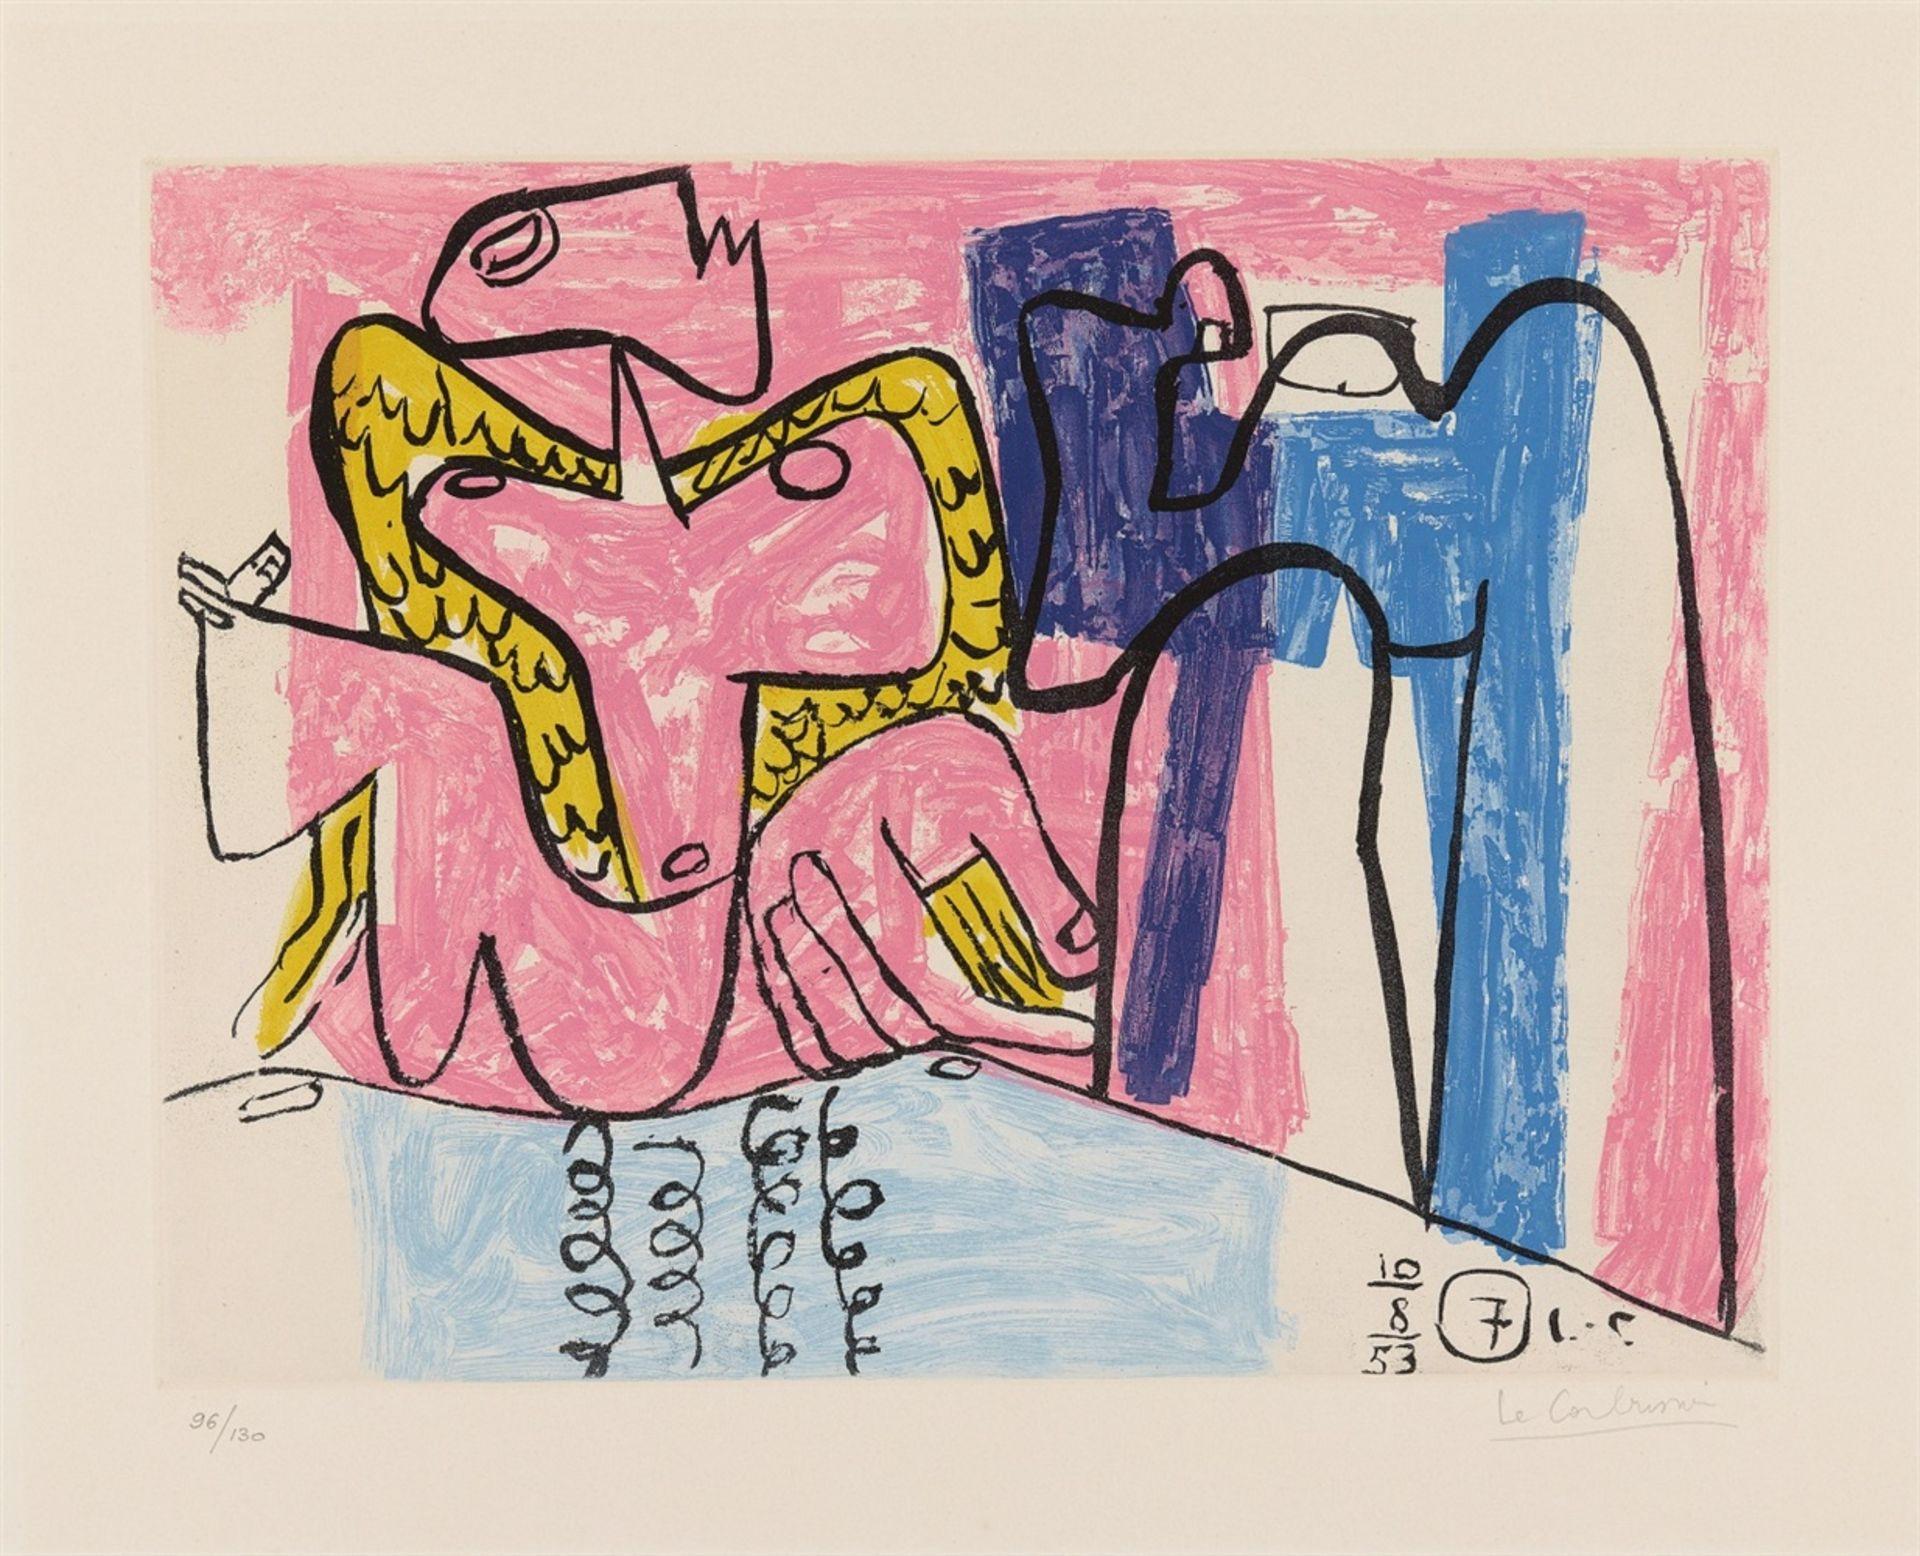 Le Corbusier (Charles-Édouard Jeanneret)Unité - Bild 25 aus 27